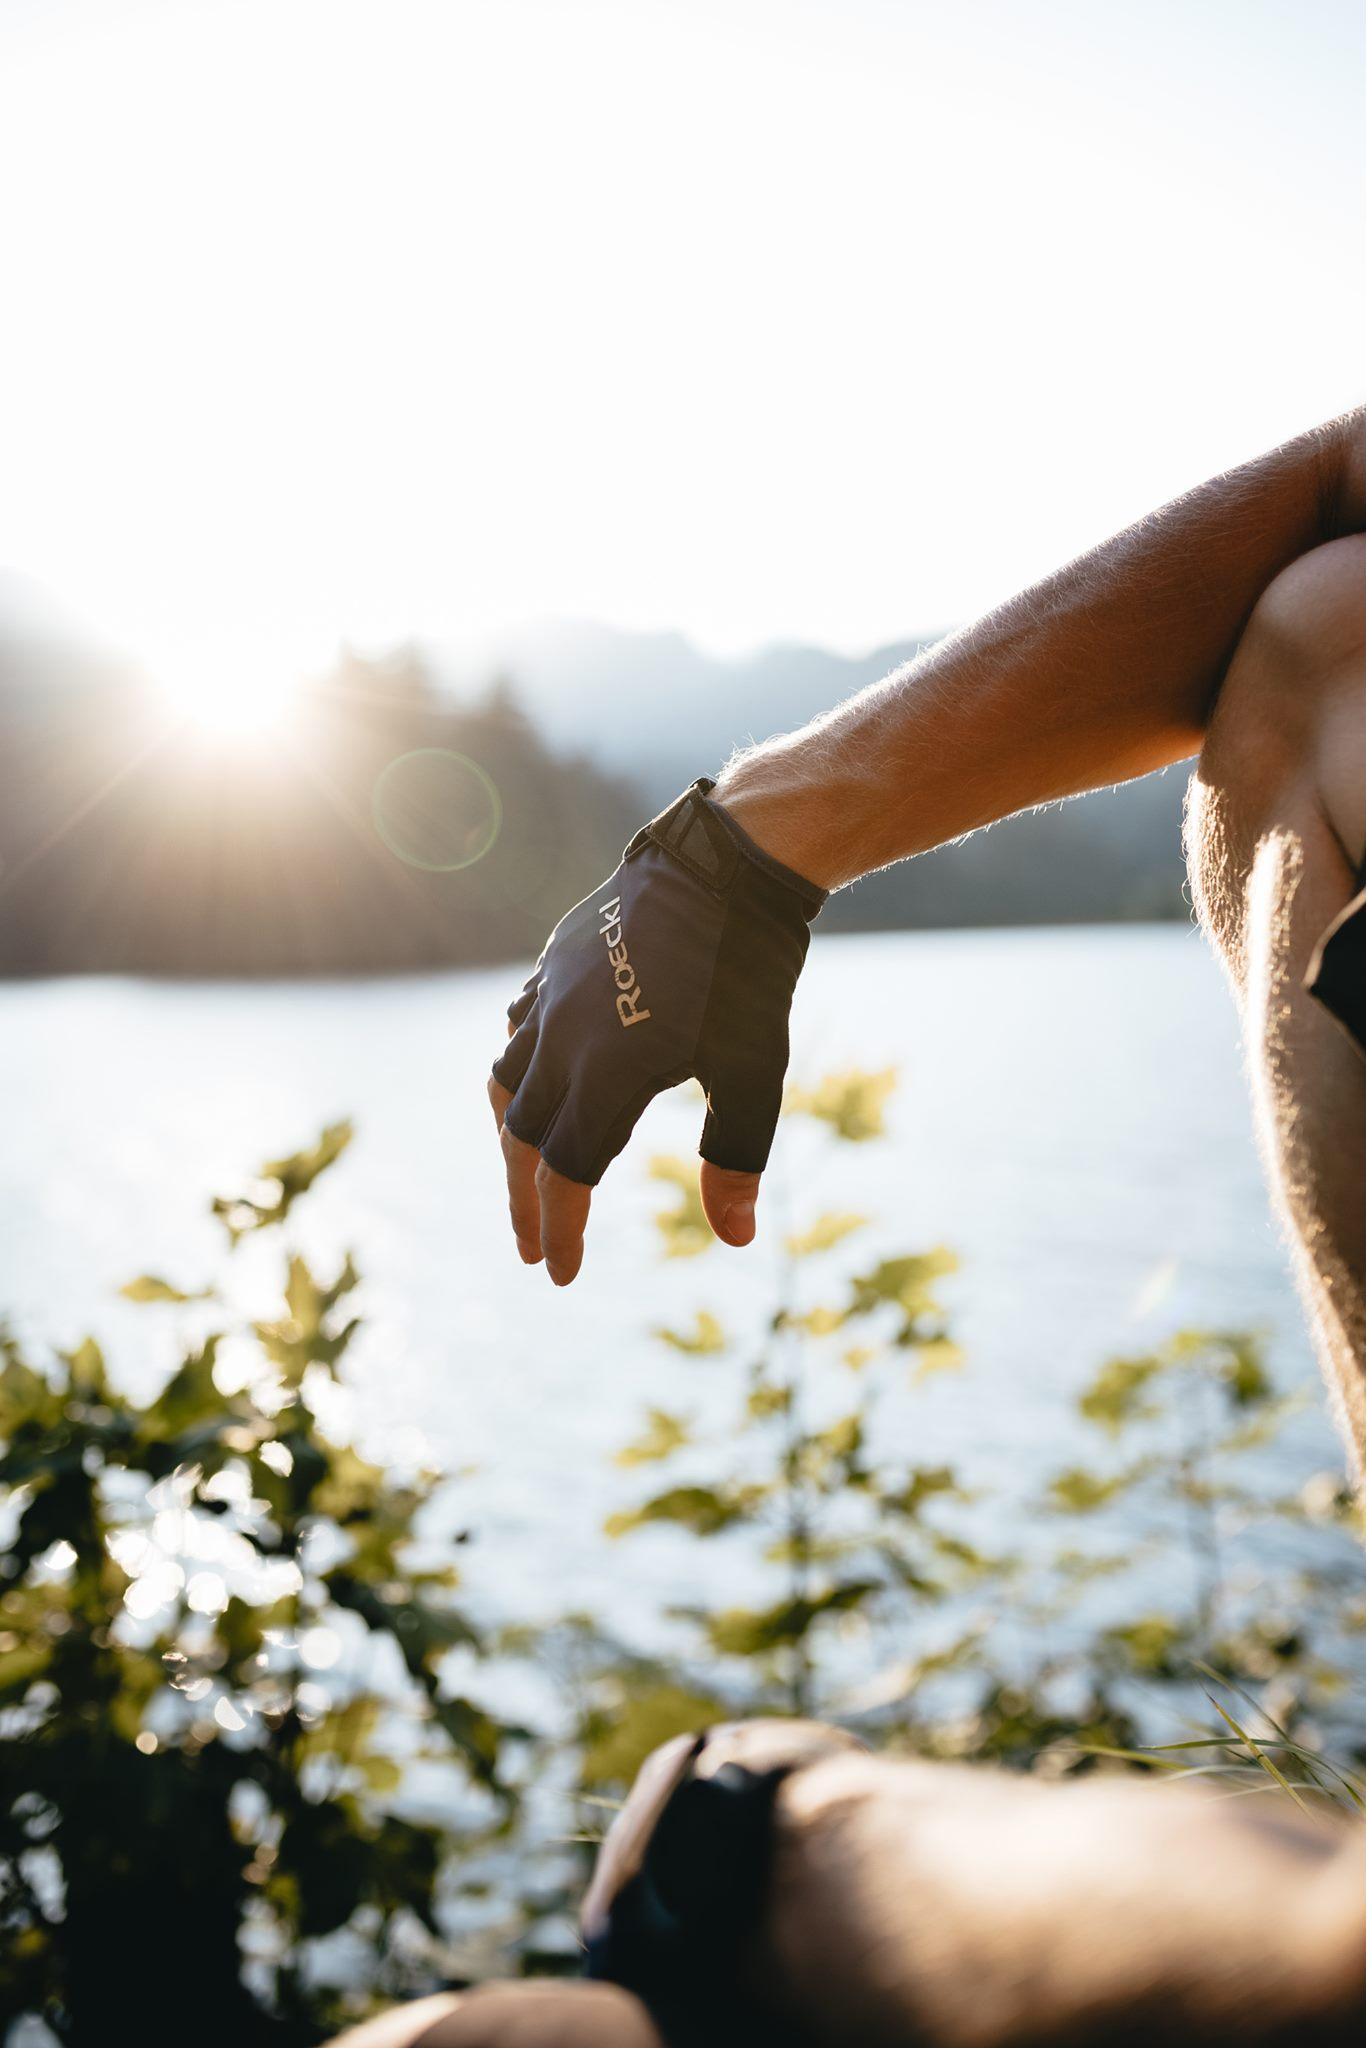 Los guantes Roeckl siguen siendo la marca referencia desde hace más de 100 años